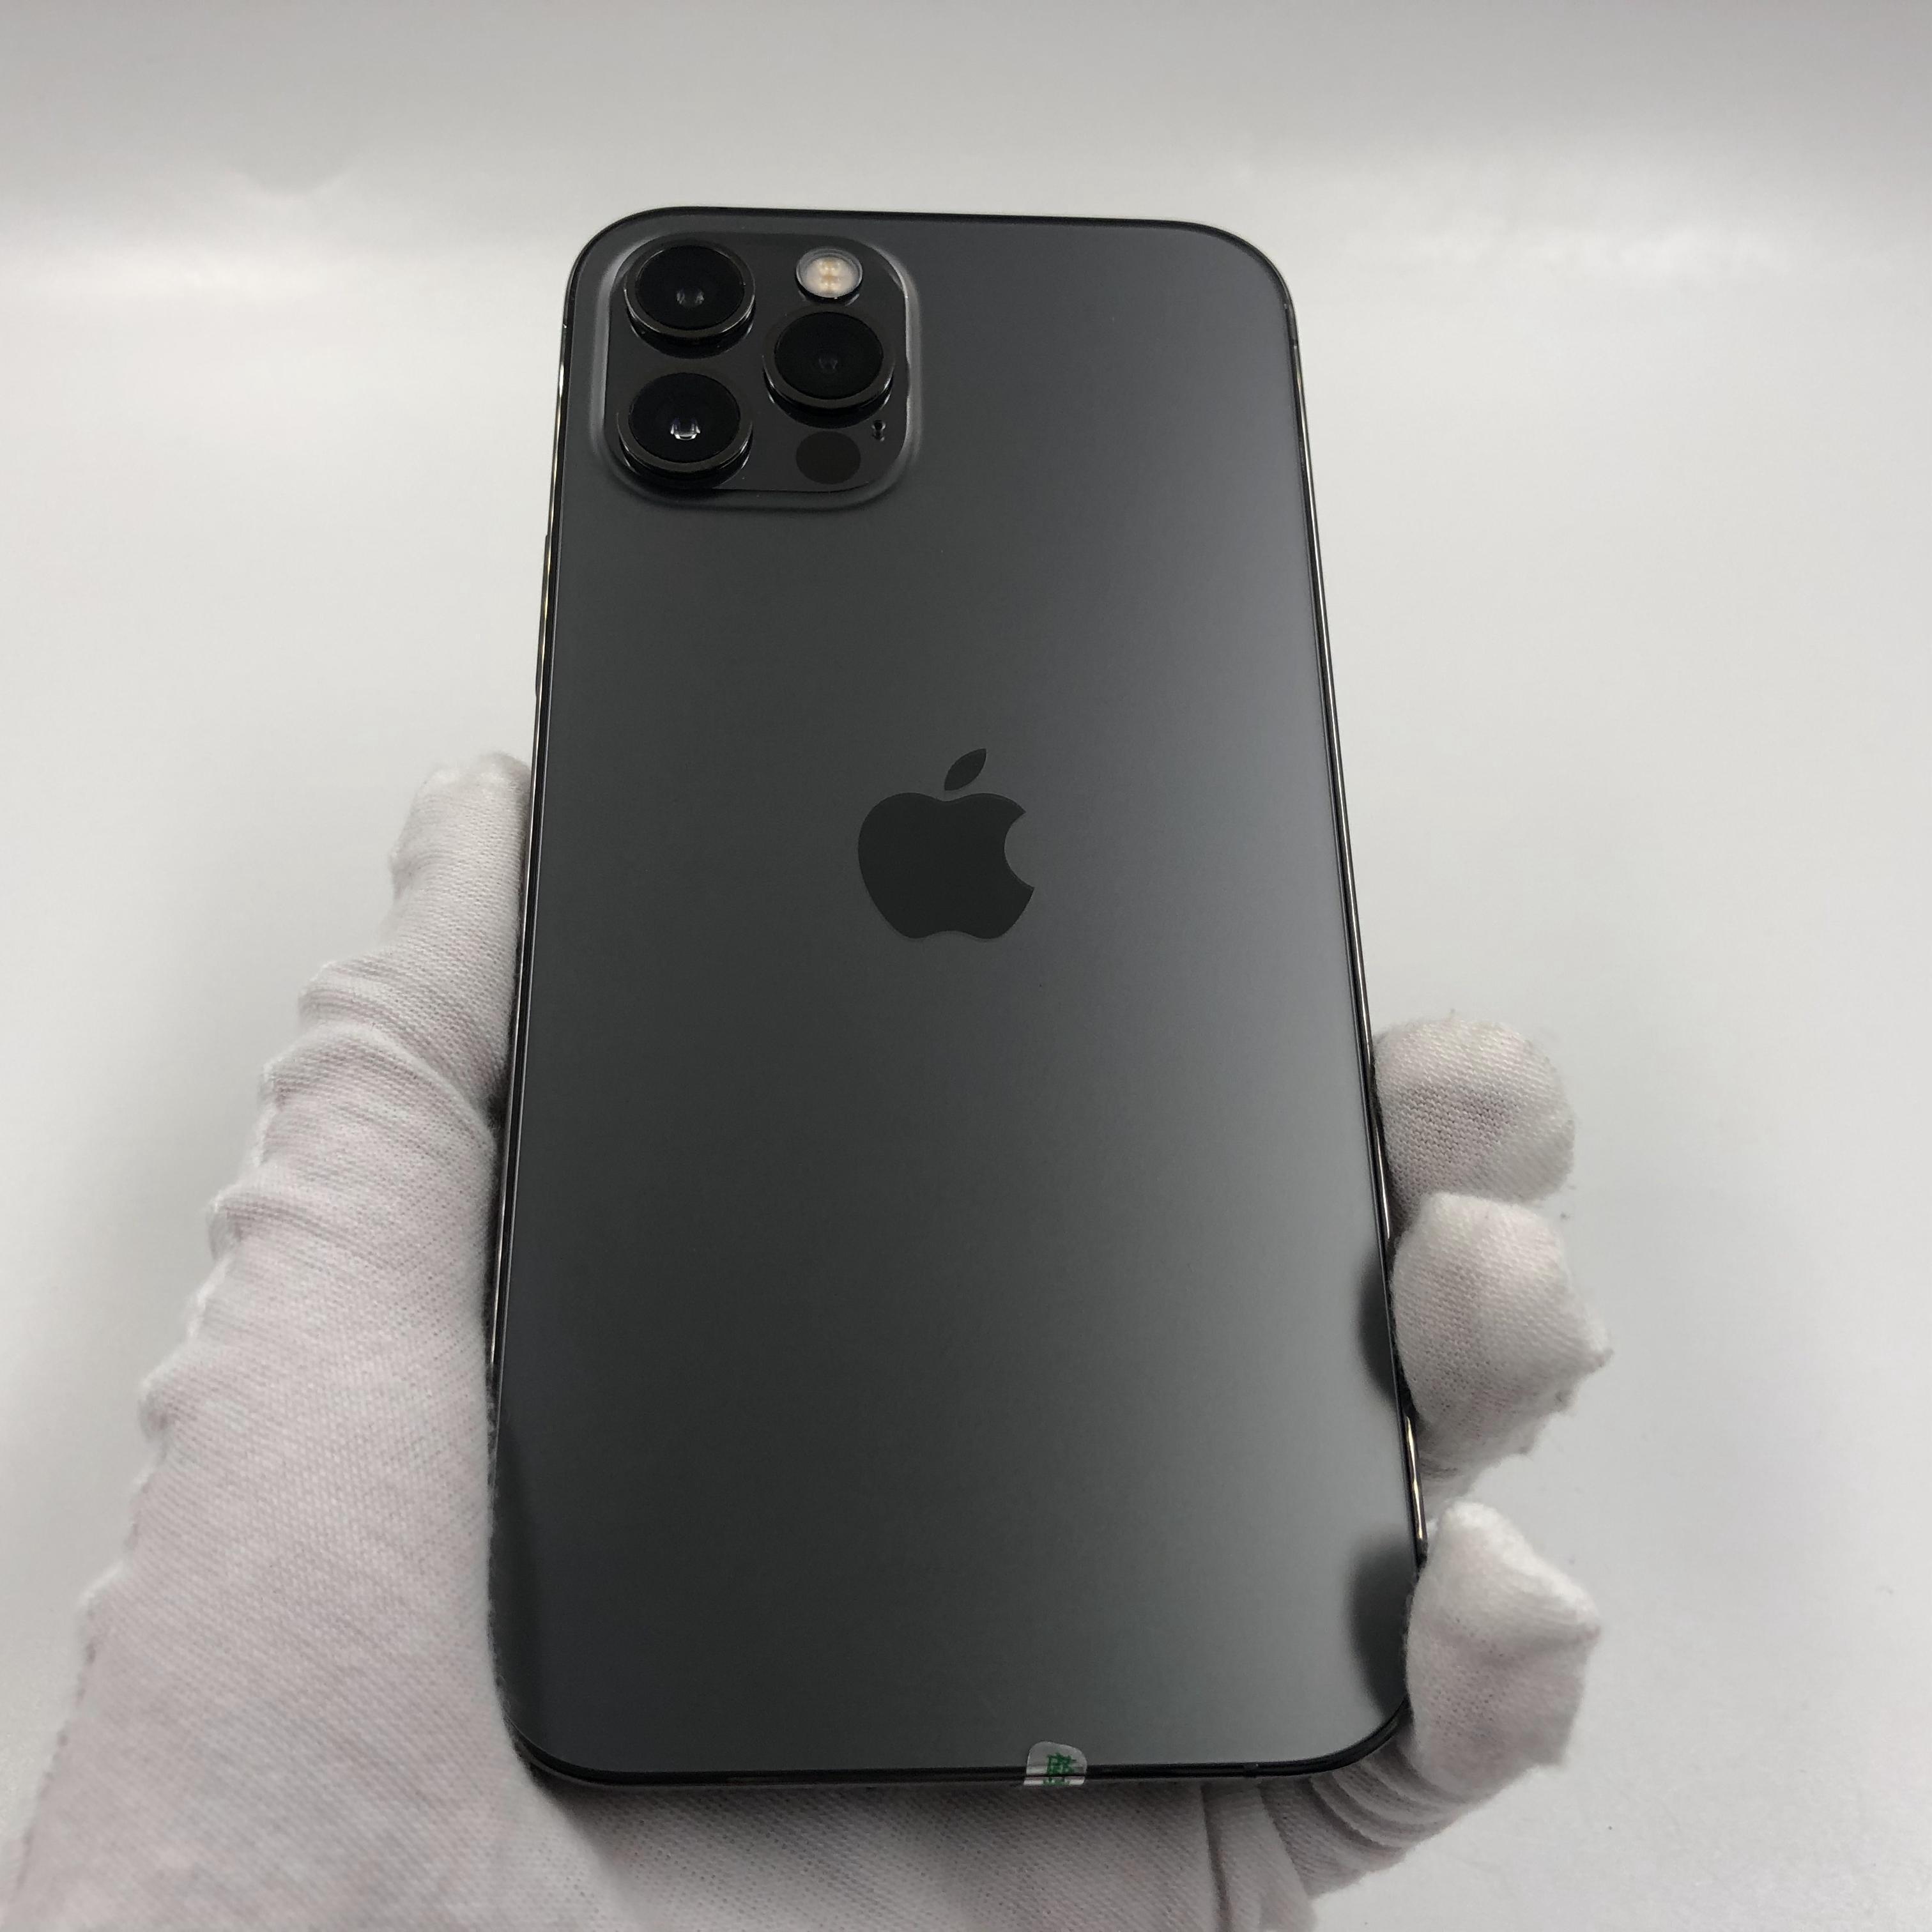 苹果【iPhone 12 Pro】5G全网通 石墨色 128G 国行 95新 真机实拍官保2022-04-20